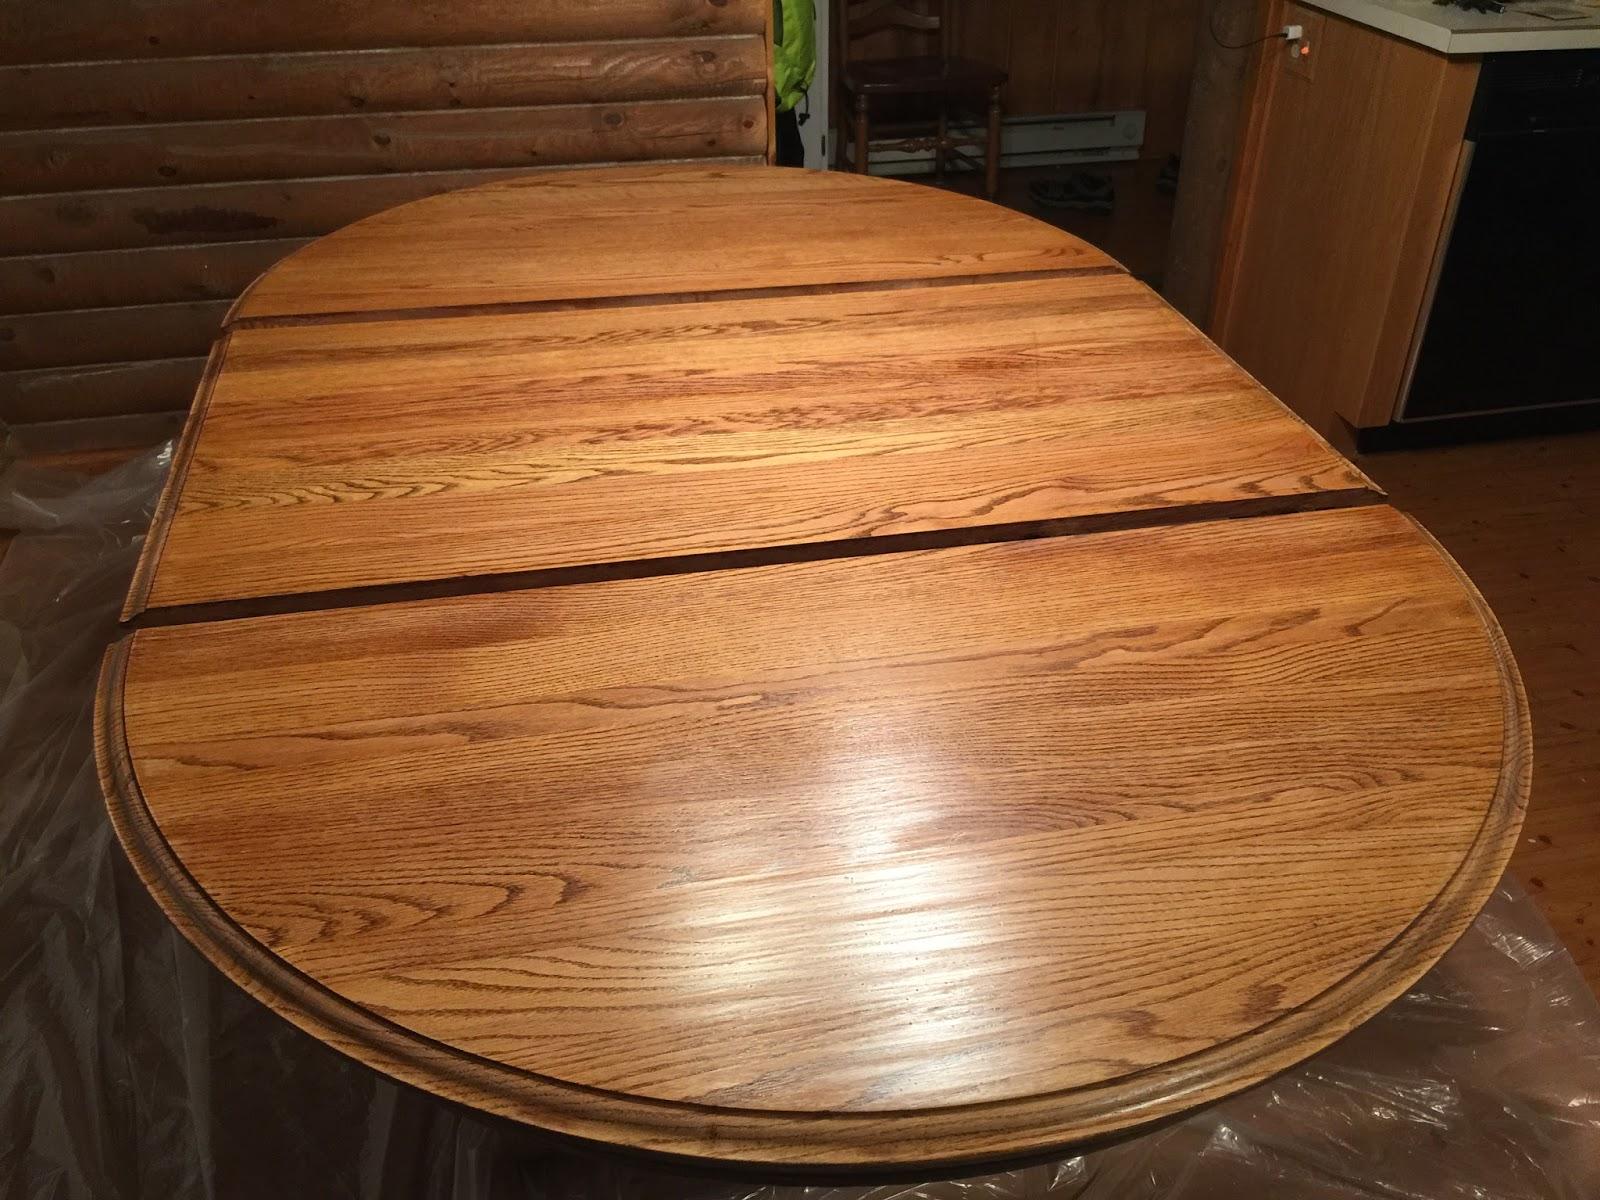 Eclectic breakfast refinishing an oak table top